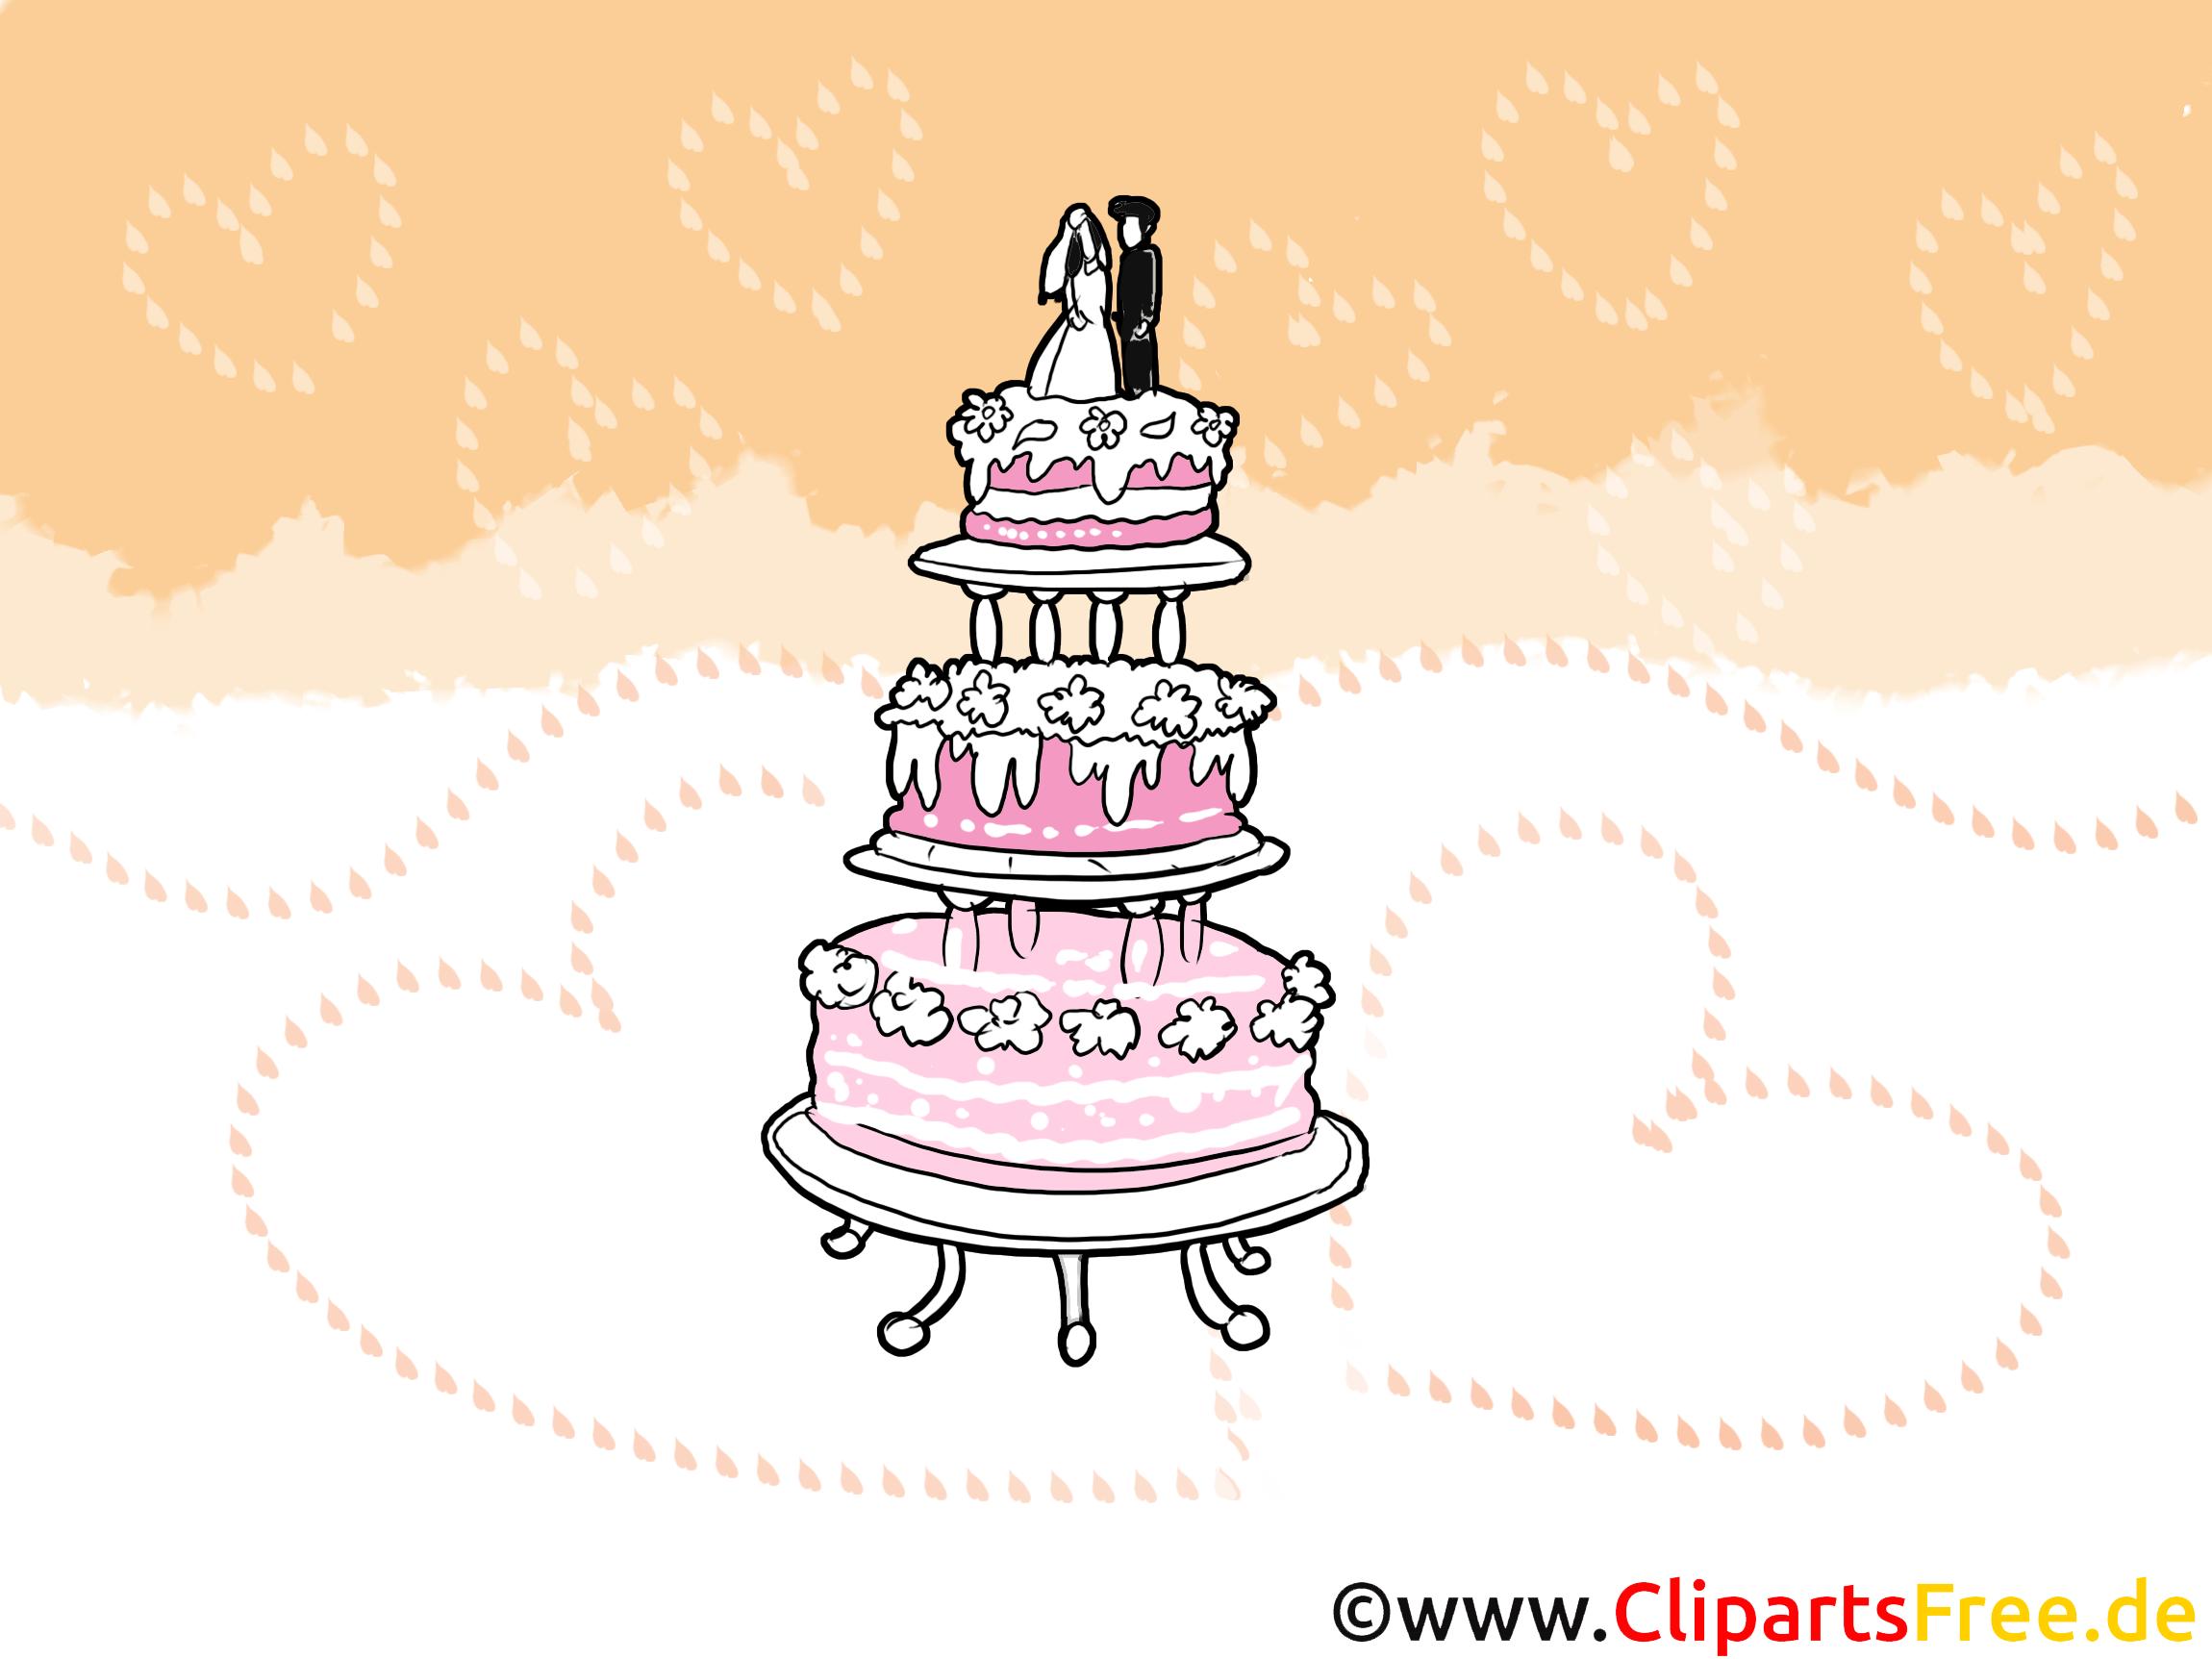 Gâteau images - Mariage dessins gratuits